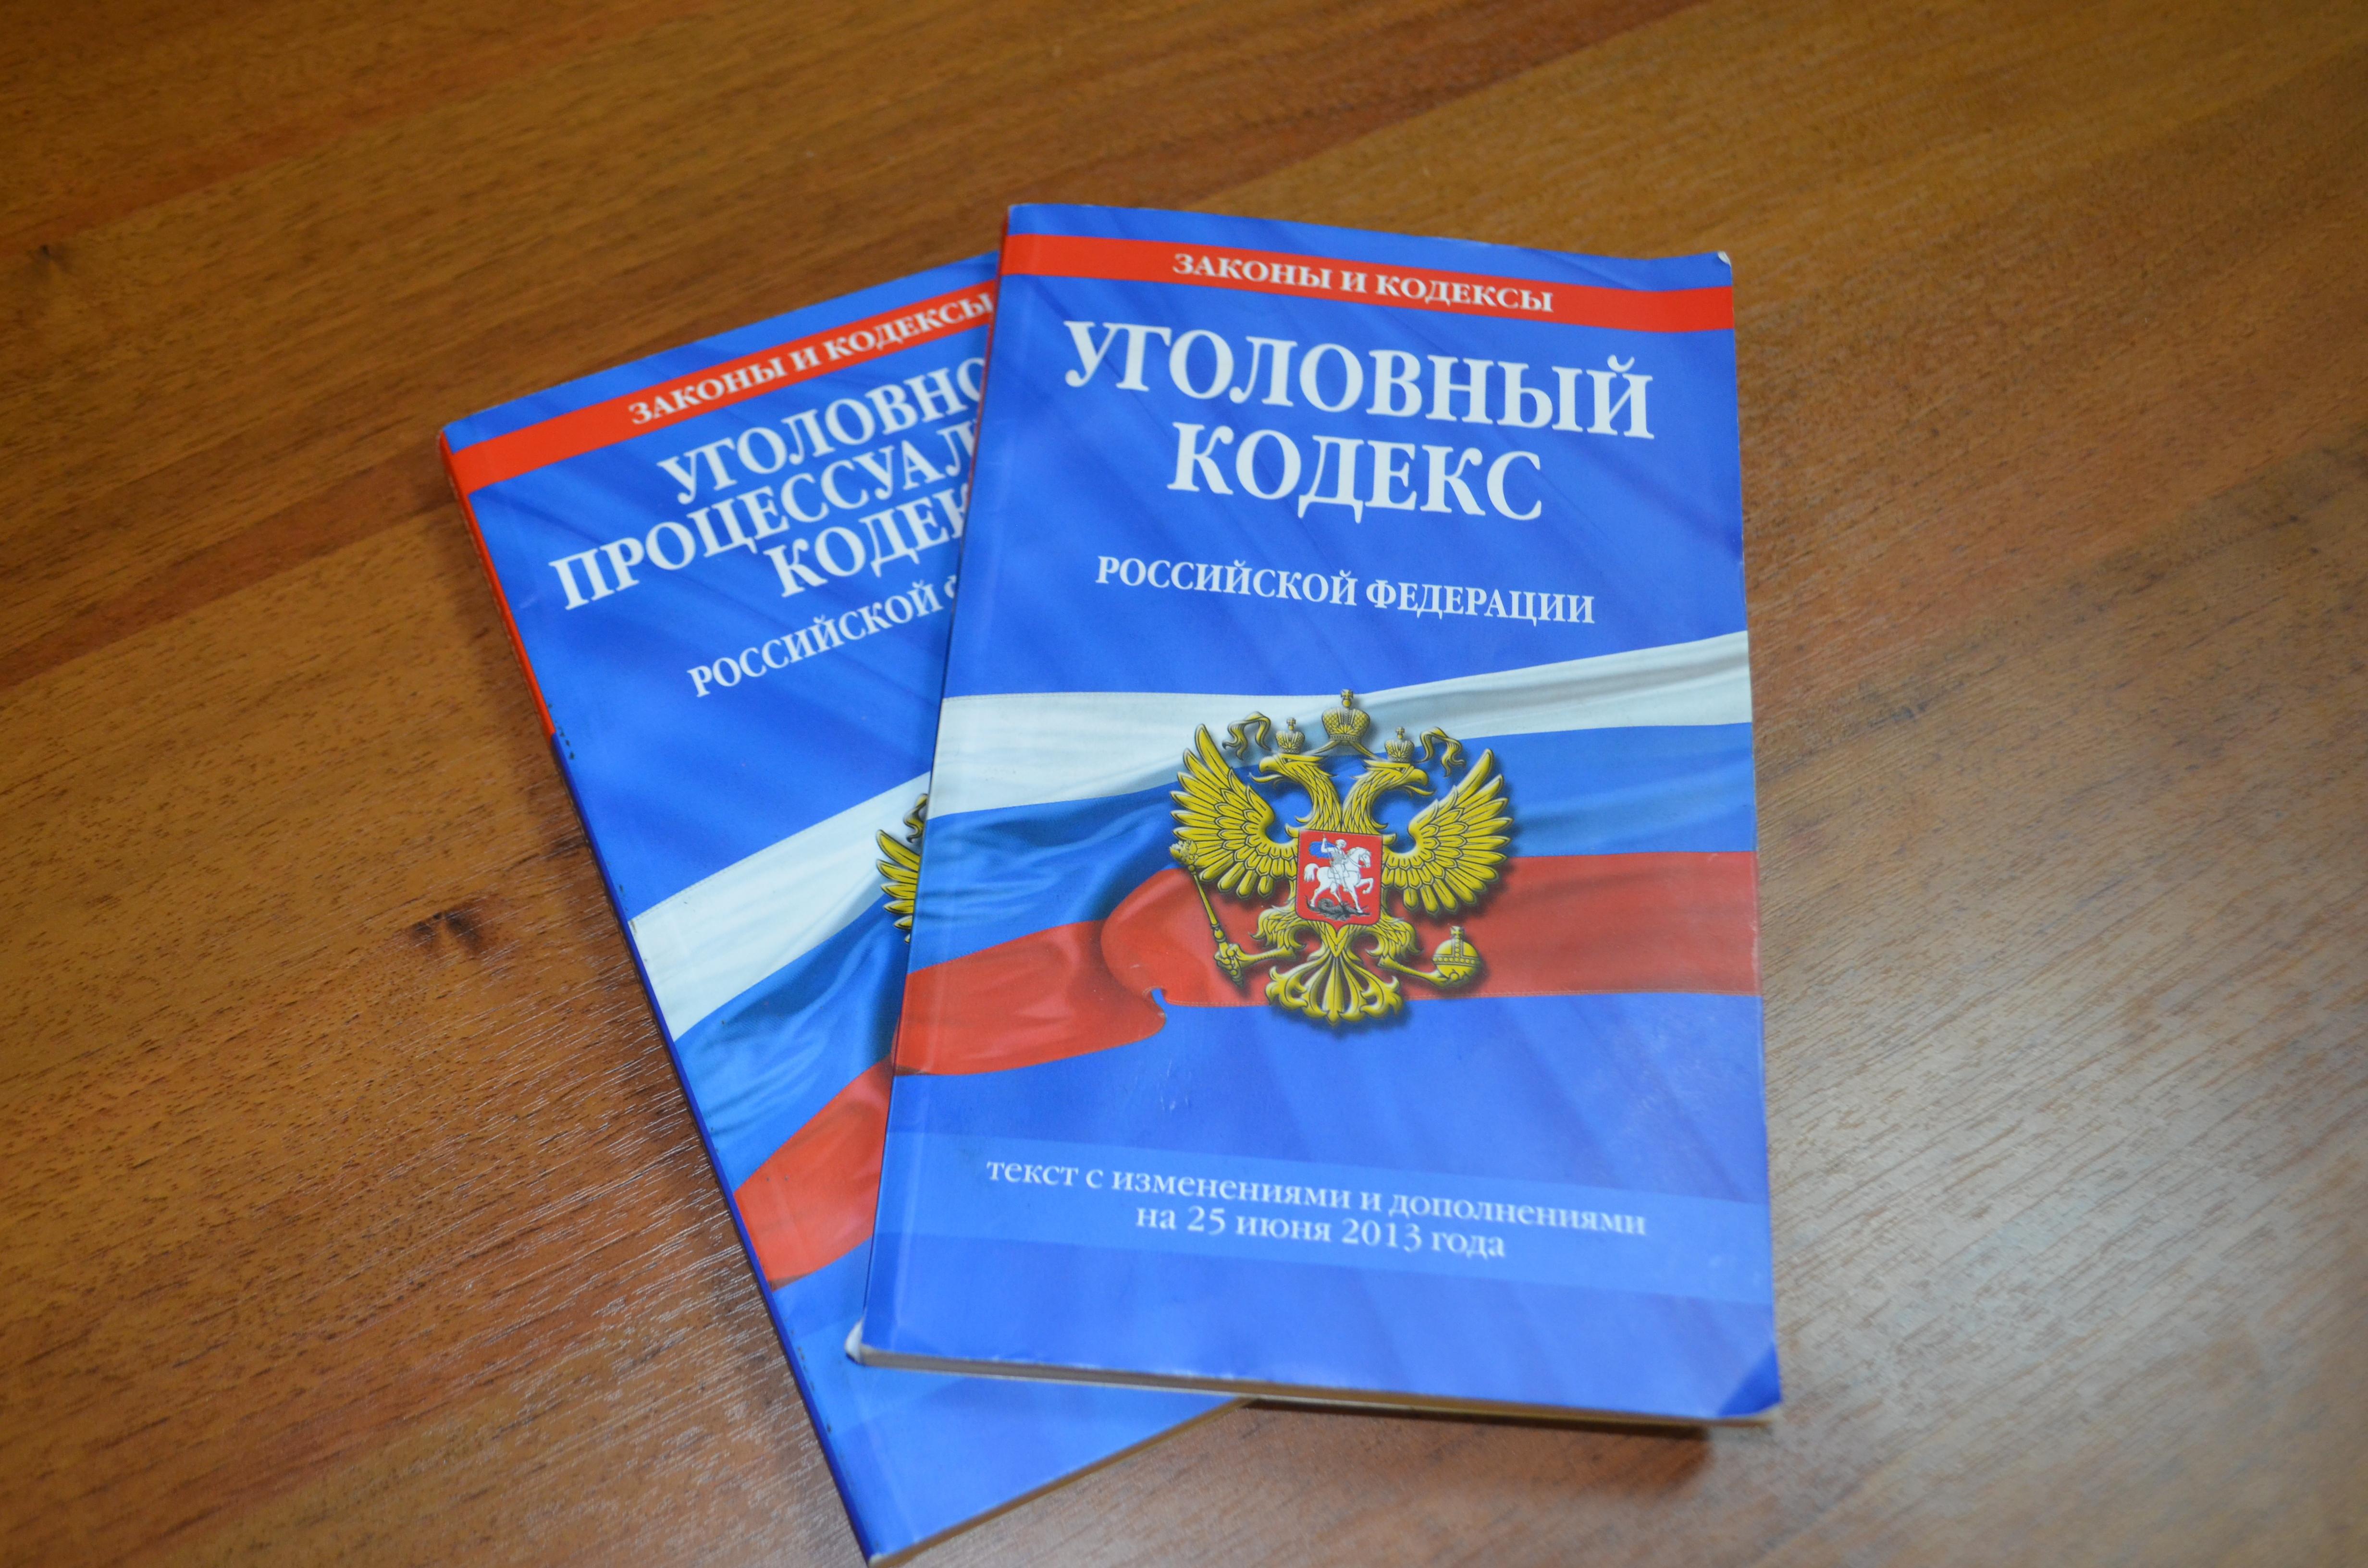 ВБелгородской области рецидивист зарубил тесаком многодетную мать